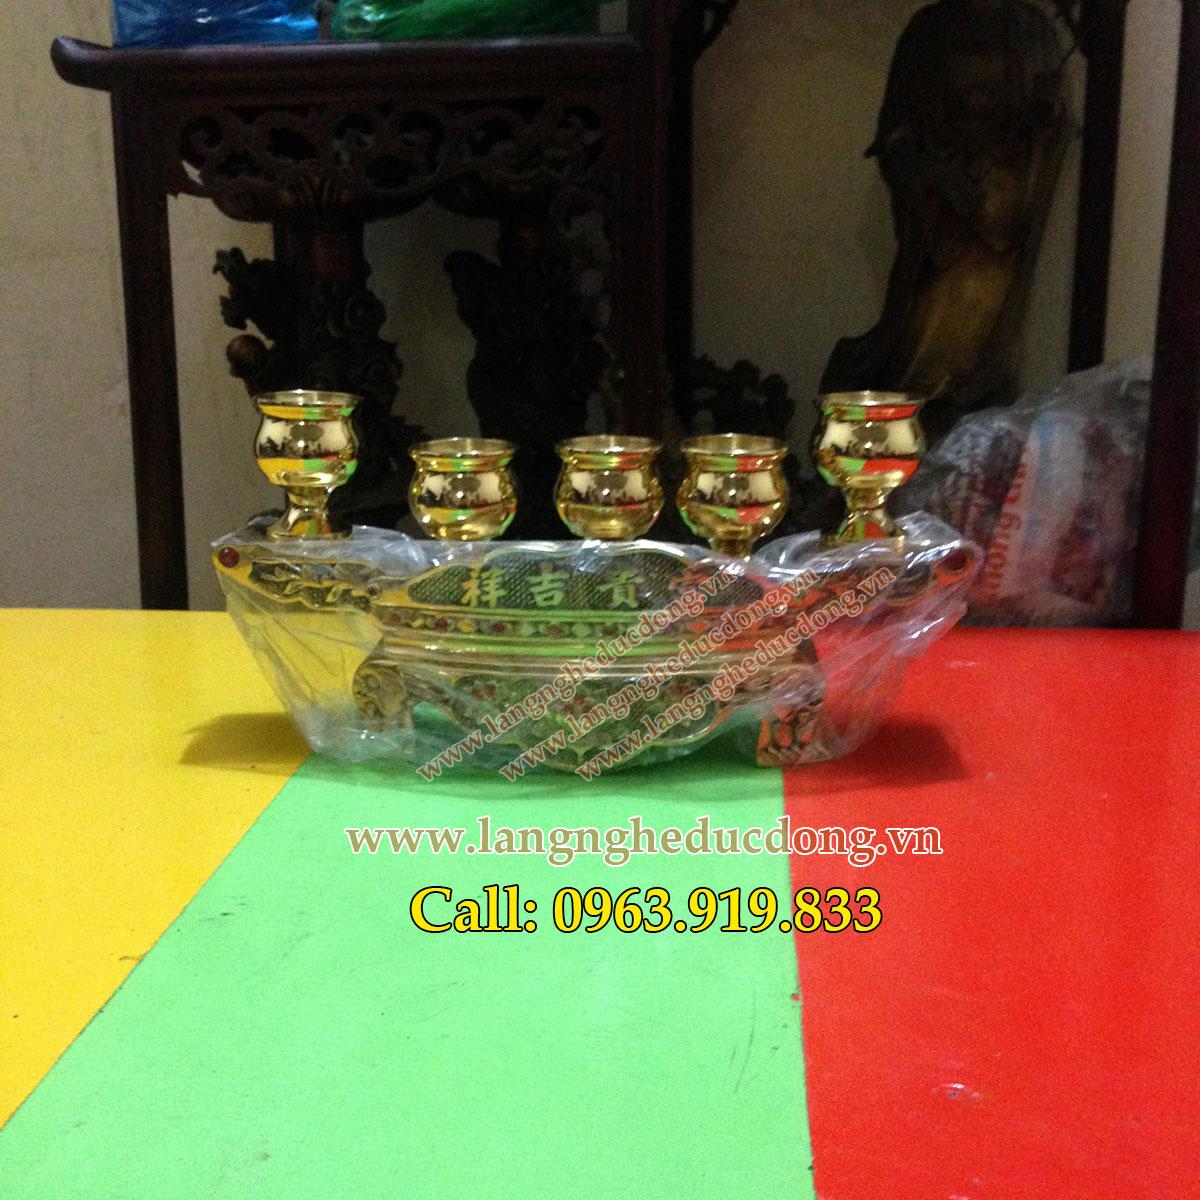 langngheducdong.vn - Ấm xuyến, ngai ly, đồ thờ bằng đồng, bộ 5 chén